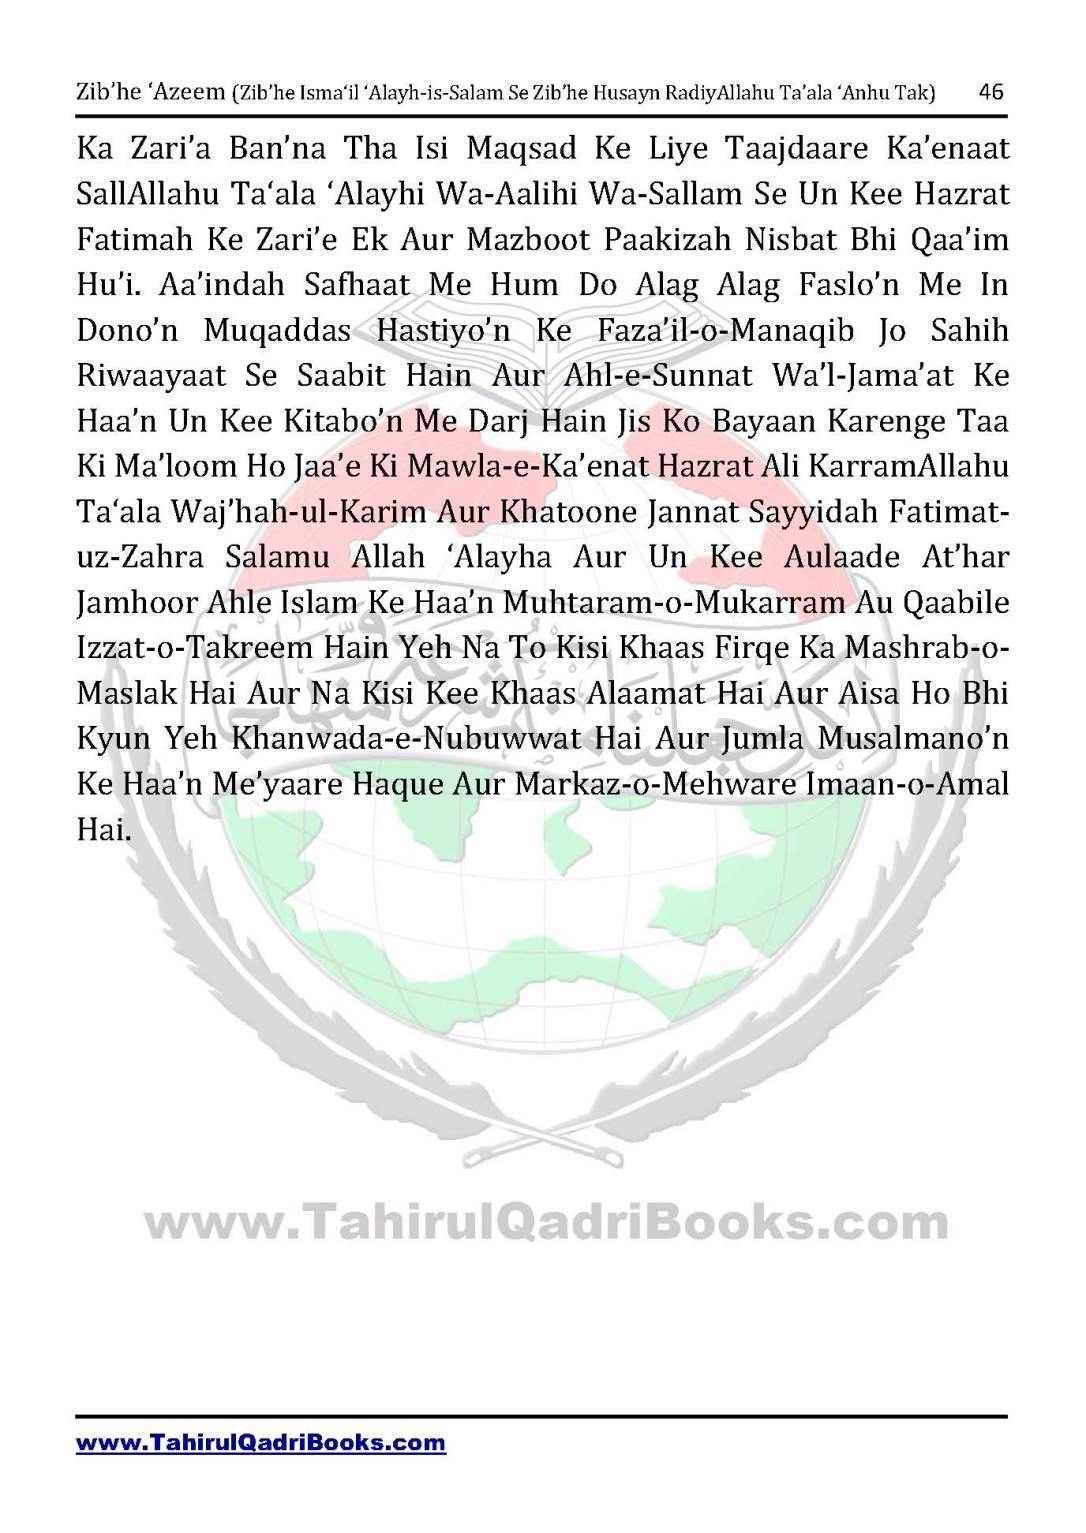 zib_he-e28098azeem-zib_he-ismacabbil-se-zib_he-husayn-tak-in-roman-urdu-unlocked_Page_046